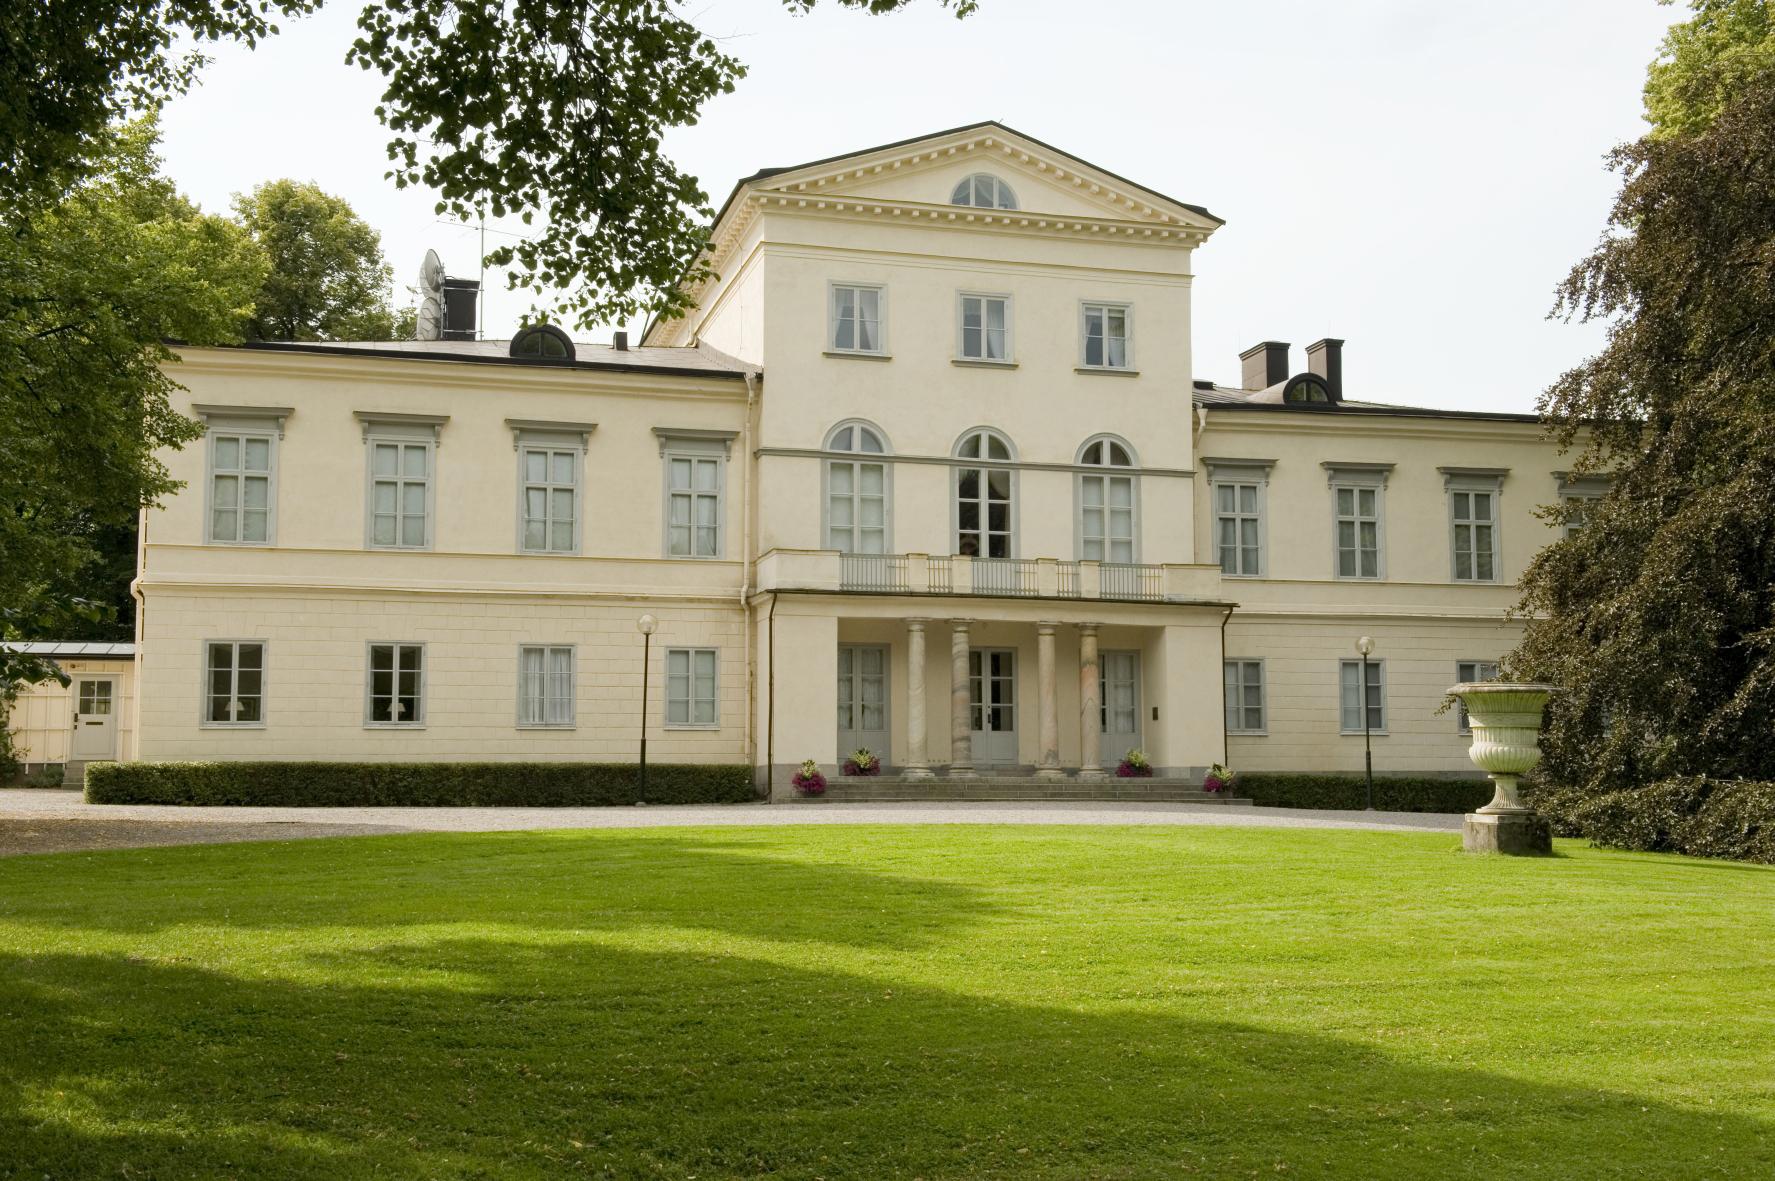 Haga Palace And Haga Park Unofficial Royalty